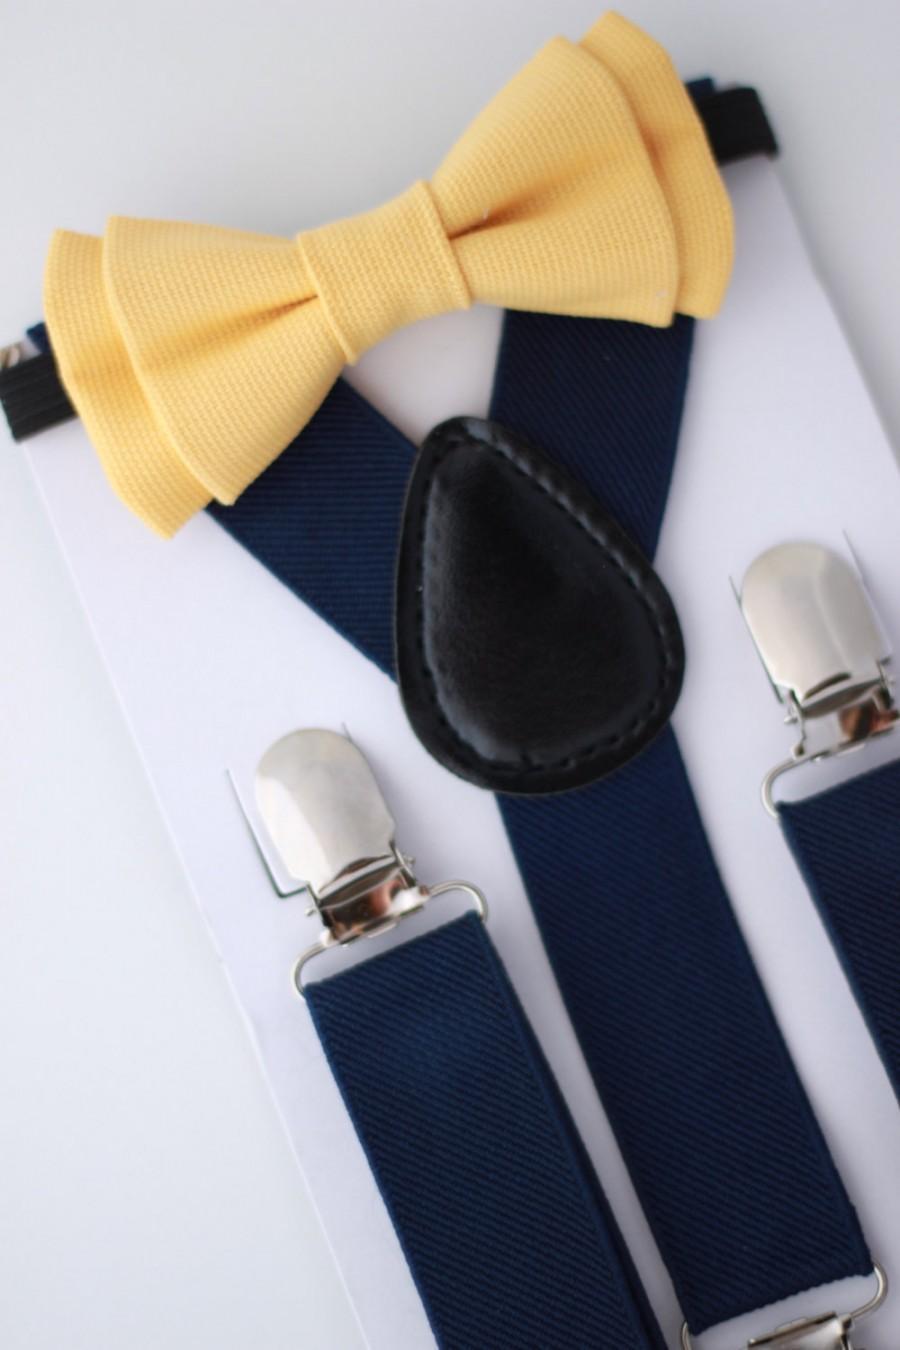 Mariage - SUSPENDER & BOWTIE SET.  Newborn - Adult sizes. Navy Blue Suspenders. Yellow denim bow tie.